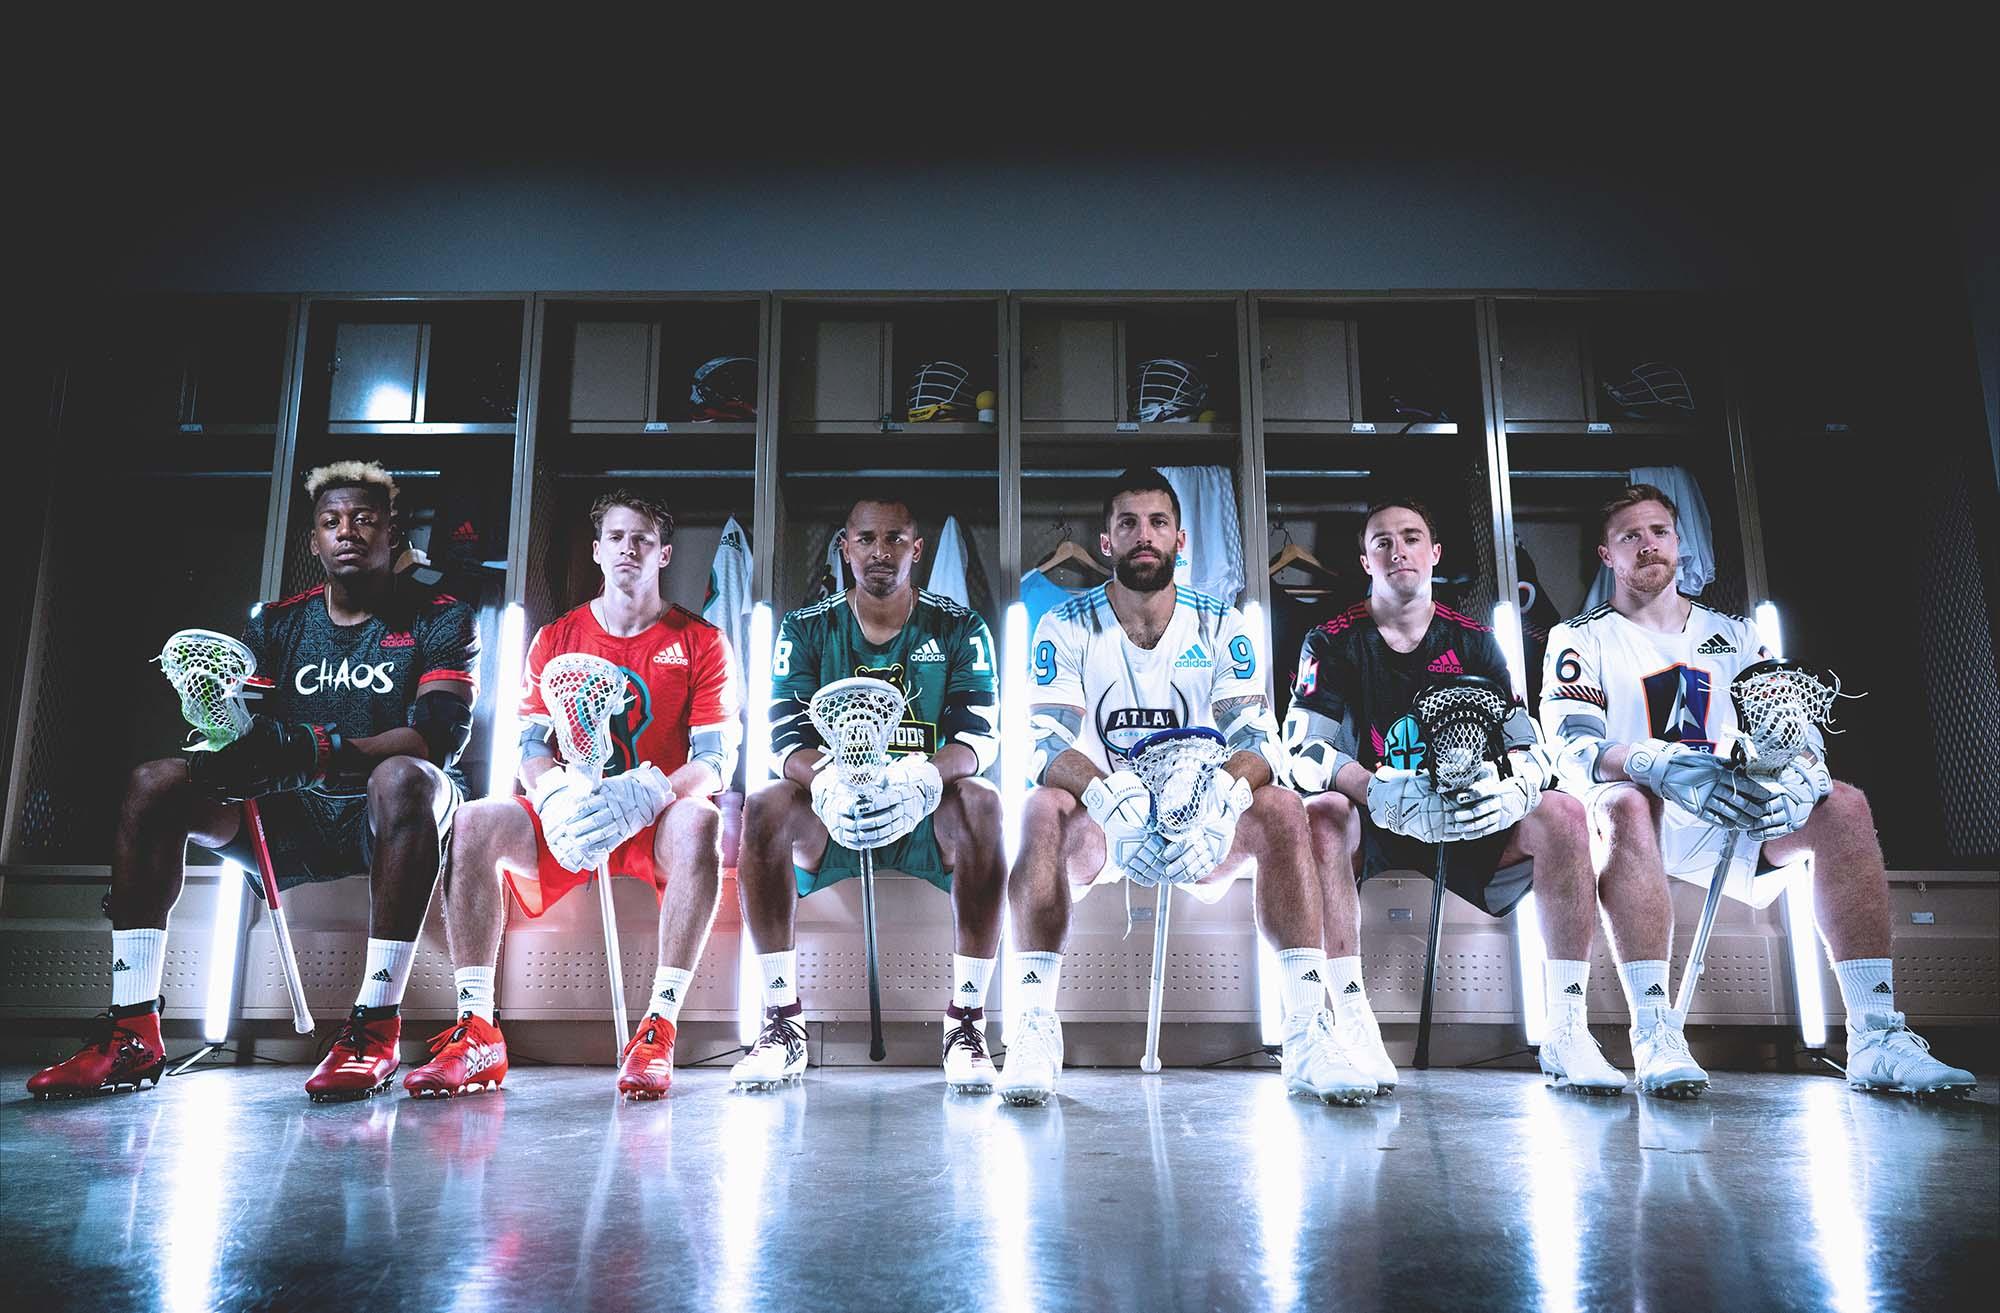 _adidasLacrosse x PLL_Uniforms_.jpg